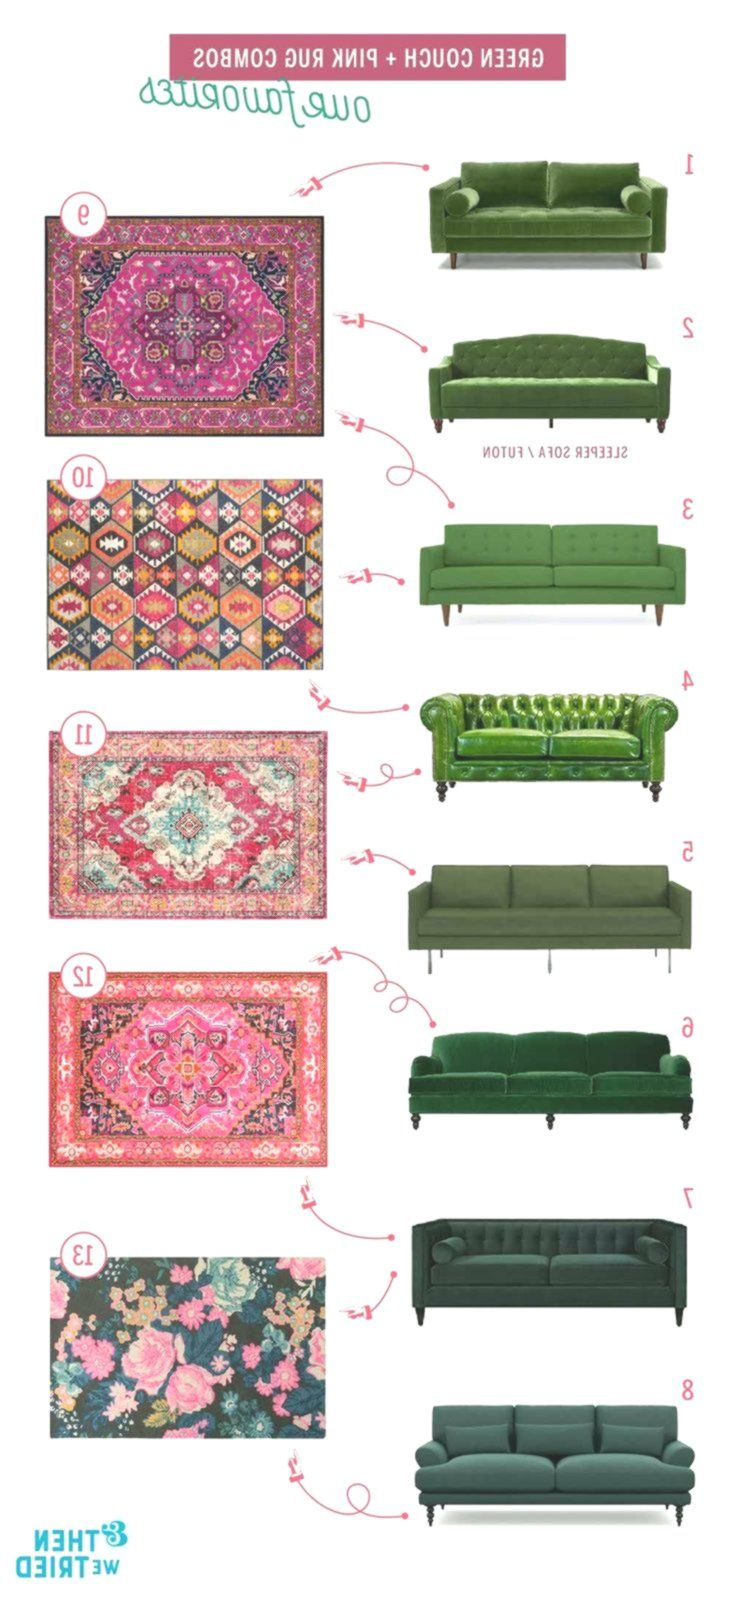 Perfekte grüne Couch und rosa Teppichpaarungen für ein